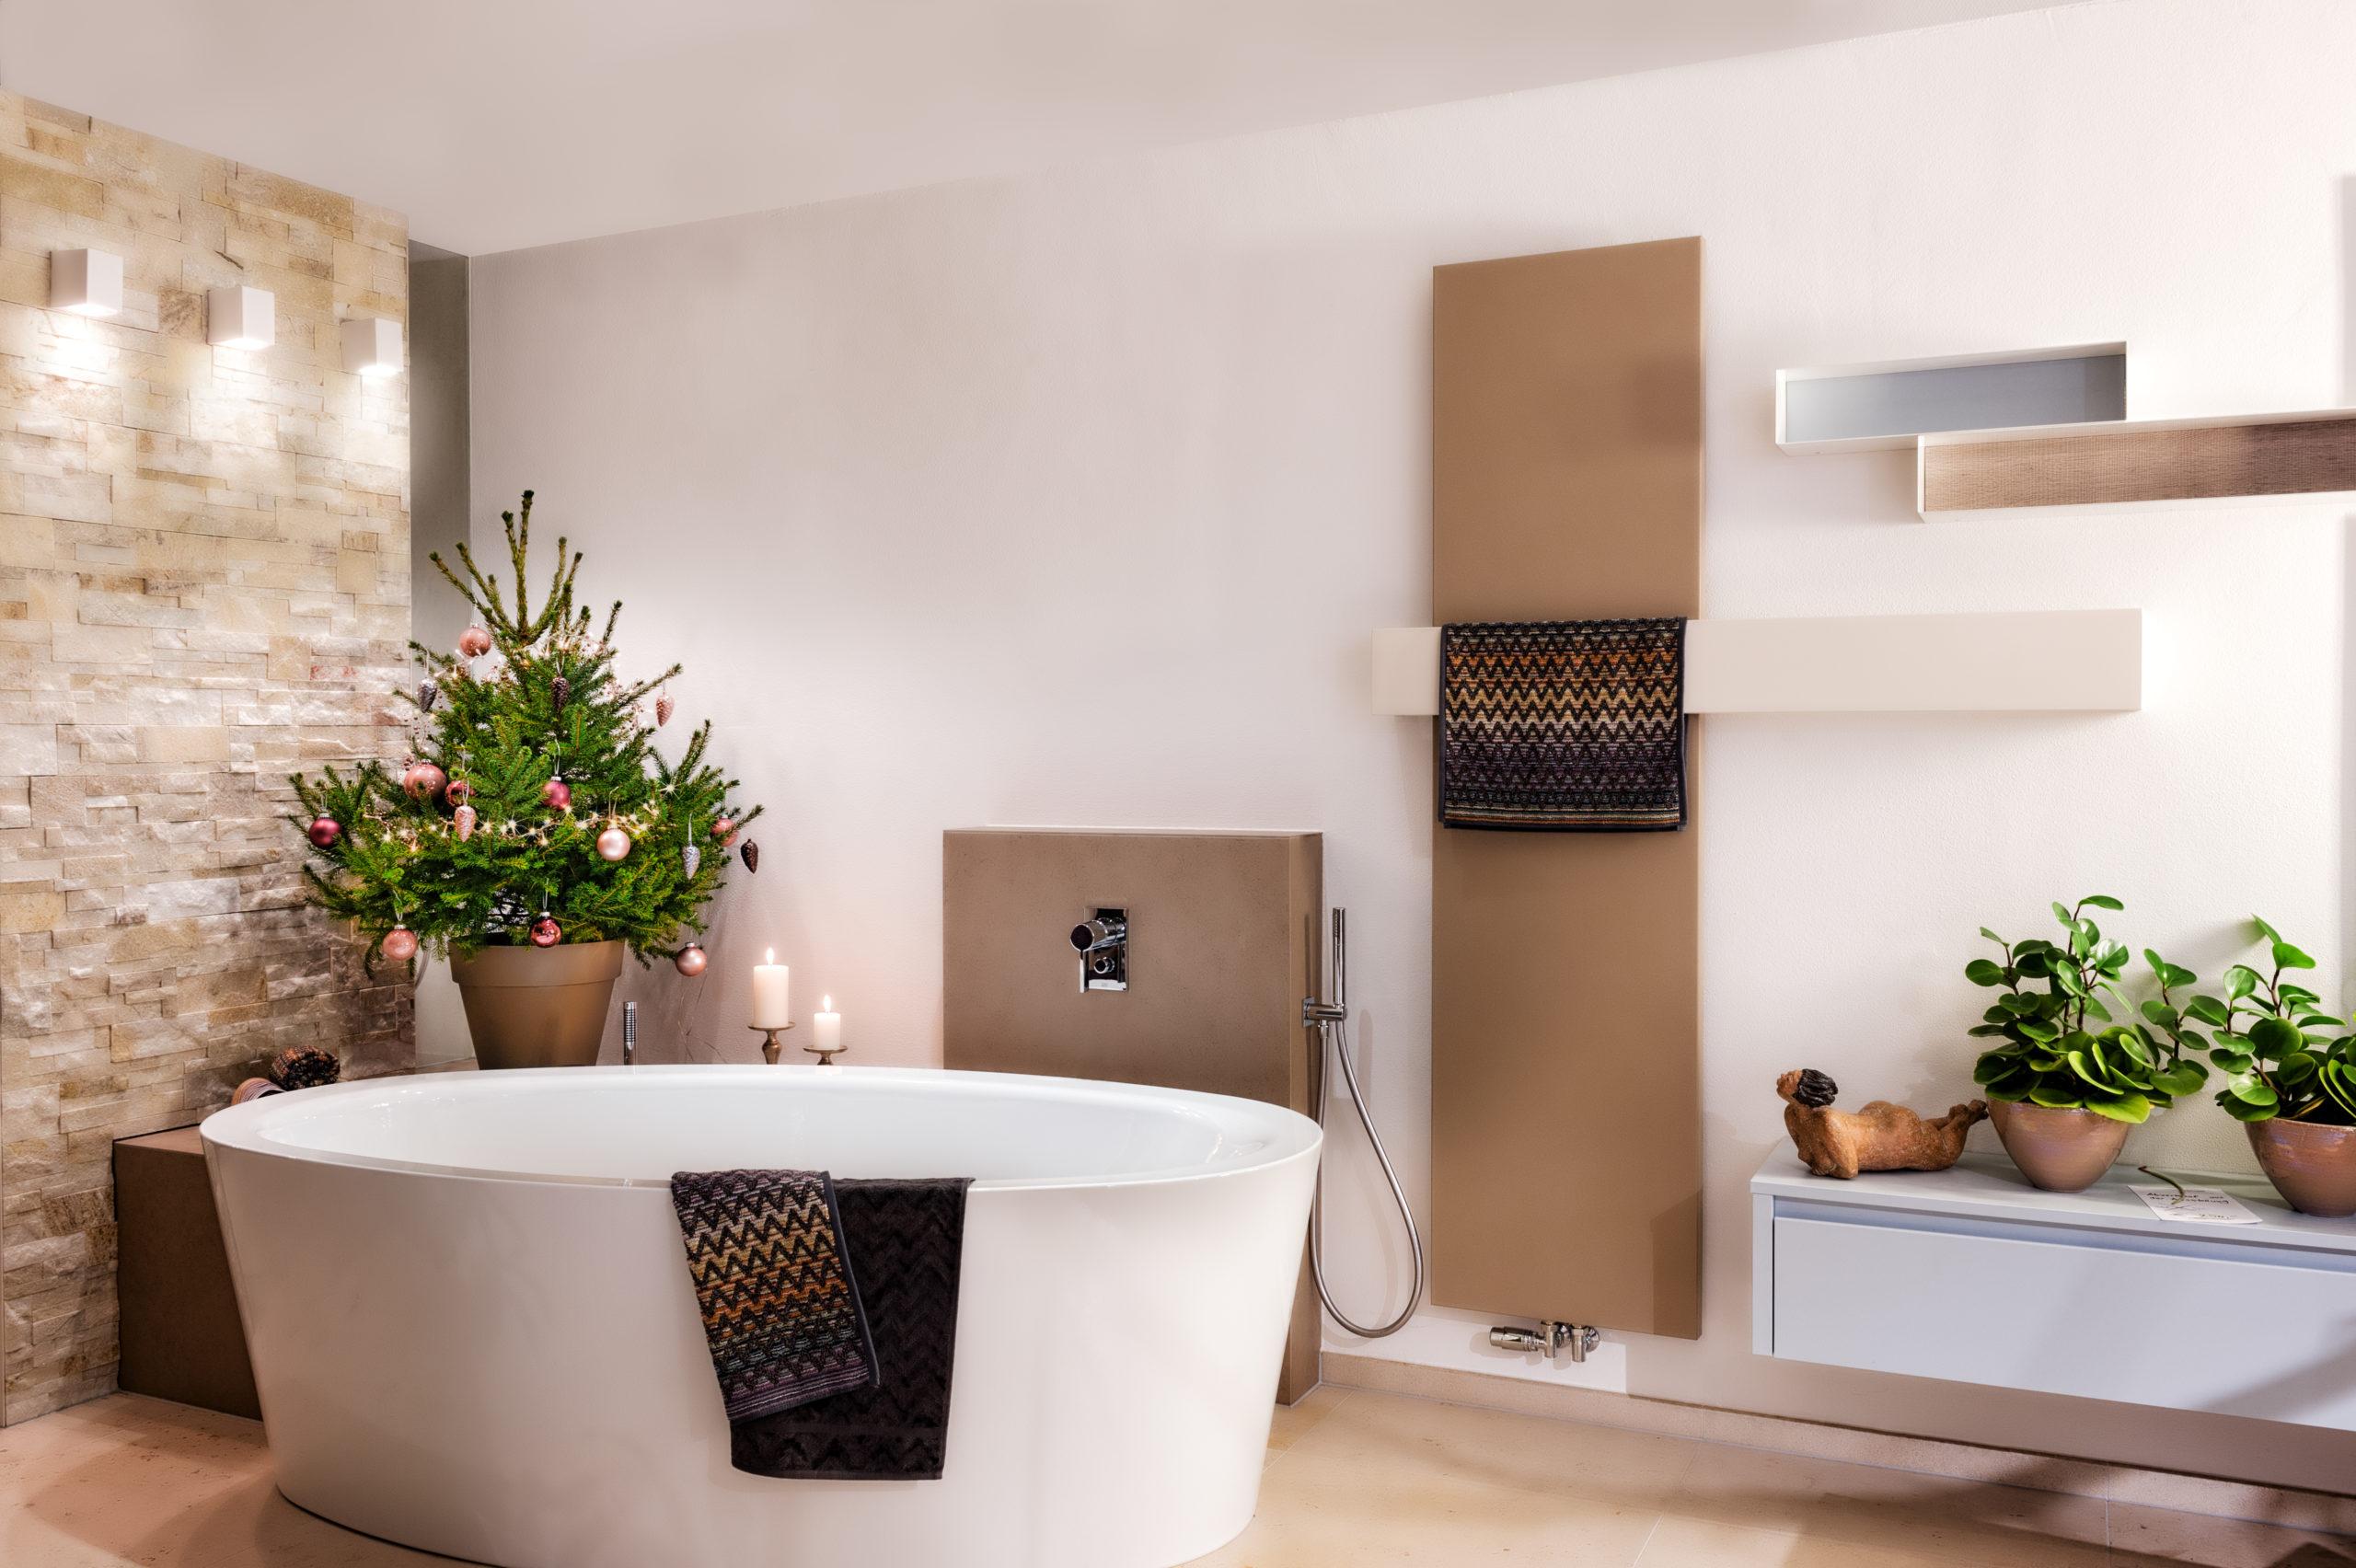 Bild Badewanne mit Weihnachtsbaum